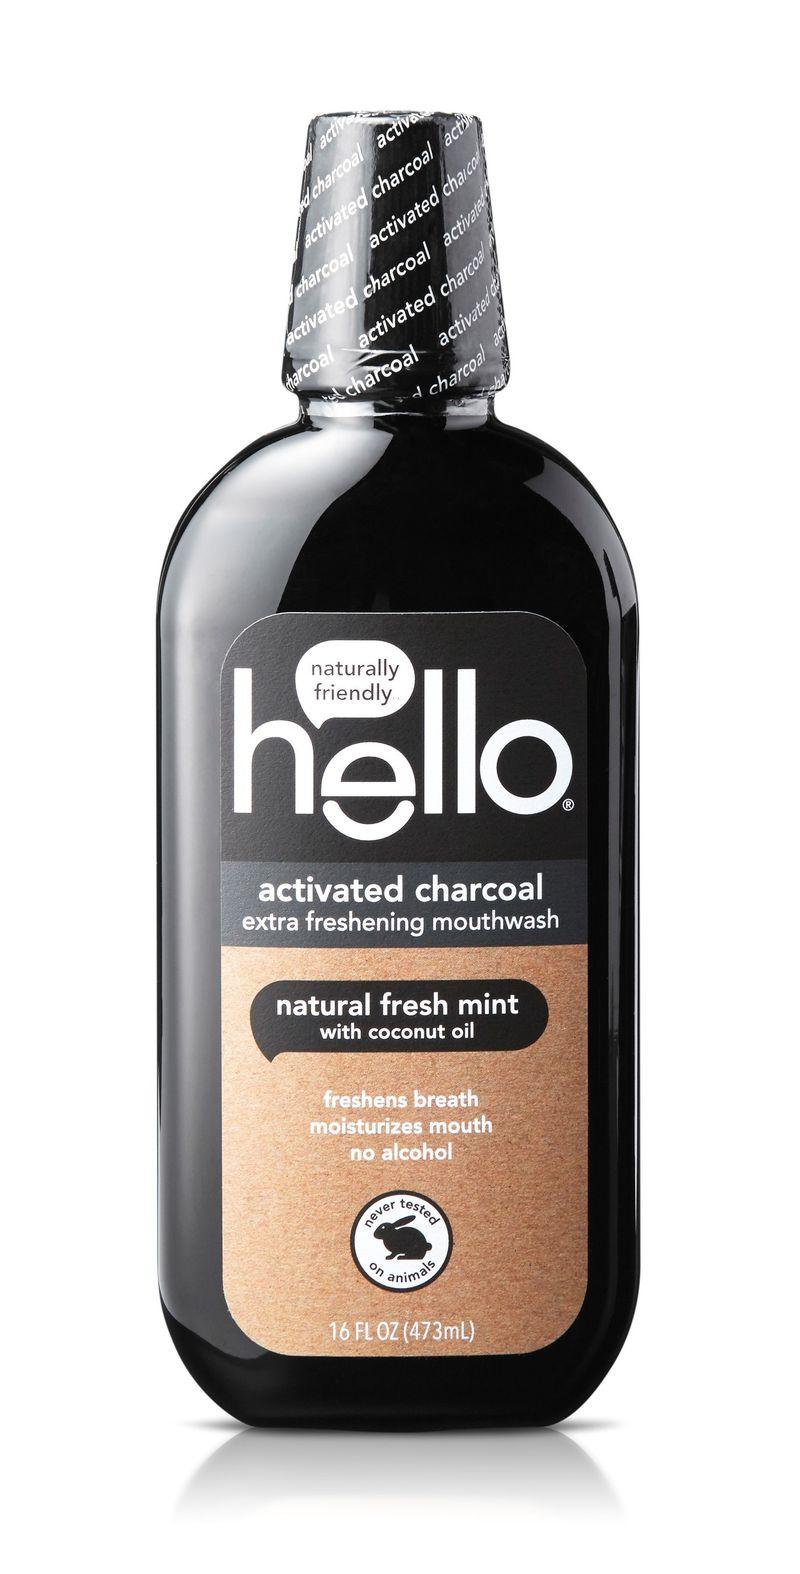 Refreshing Charcoal Mouthwashes Detoxifying Mouthwash